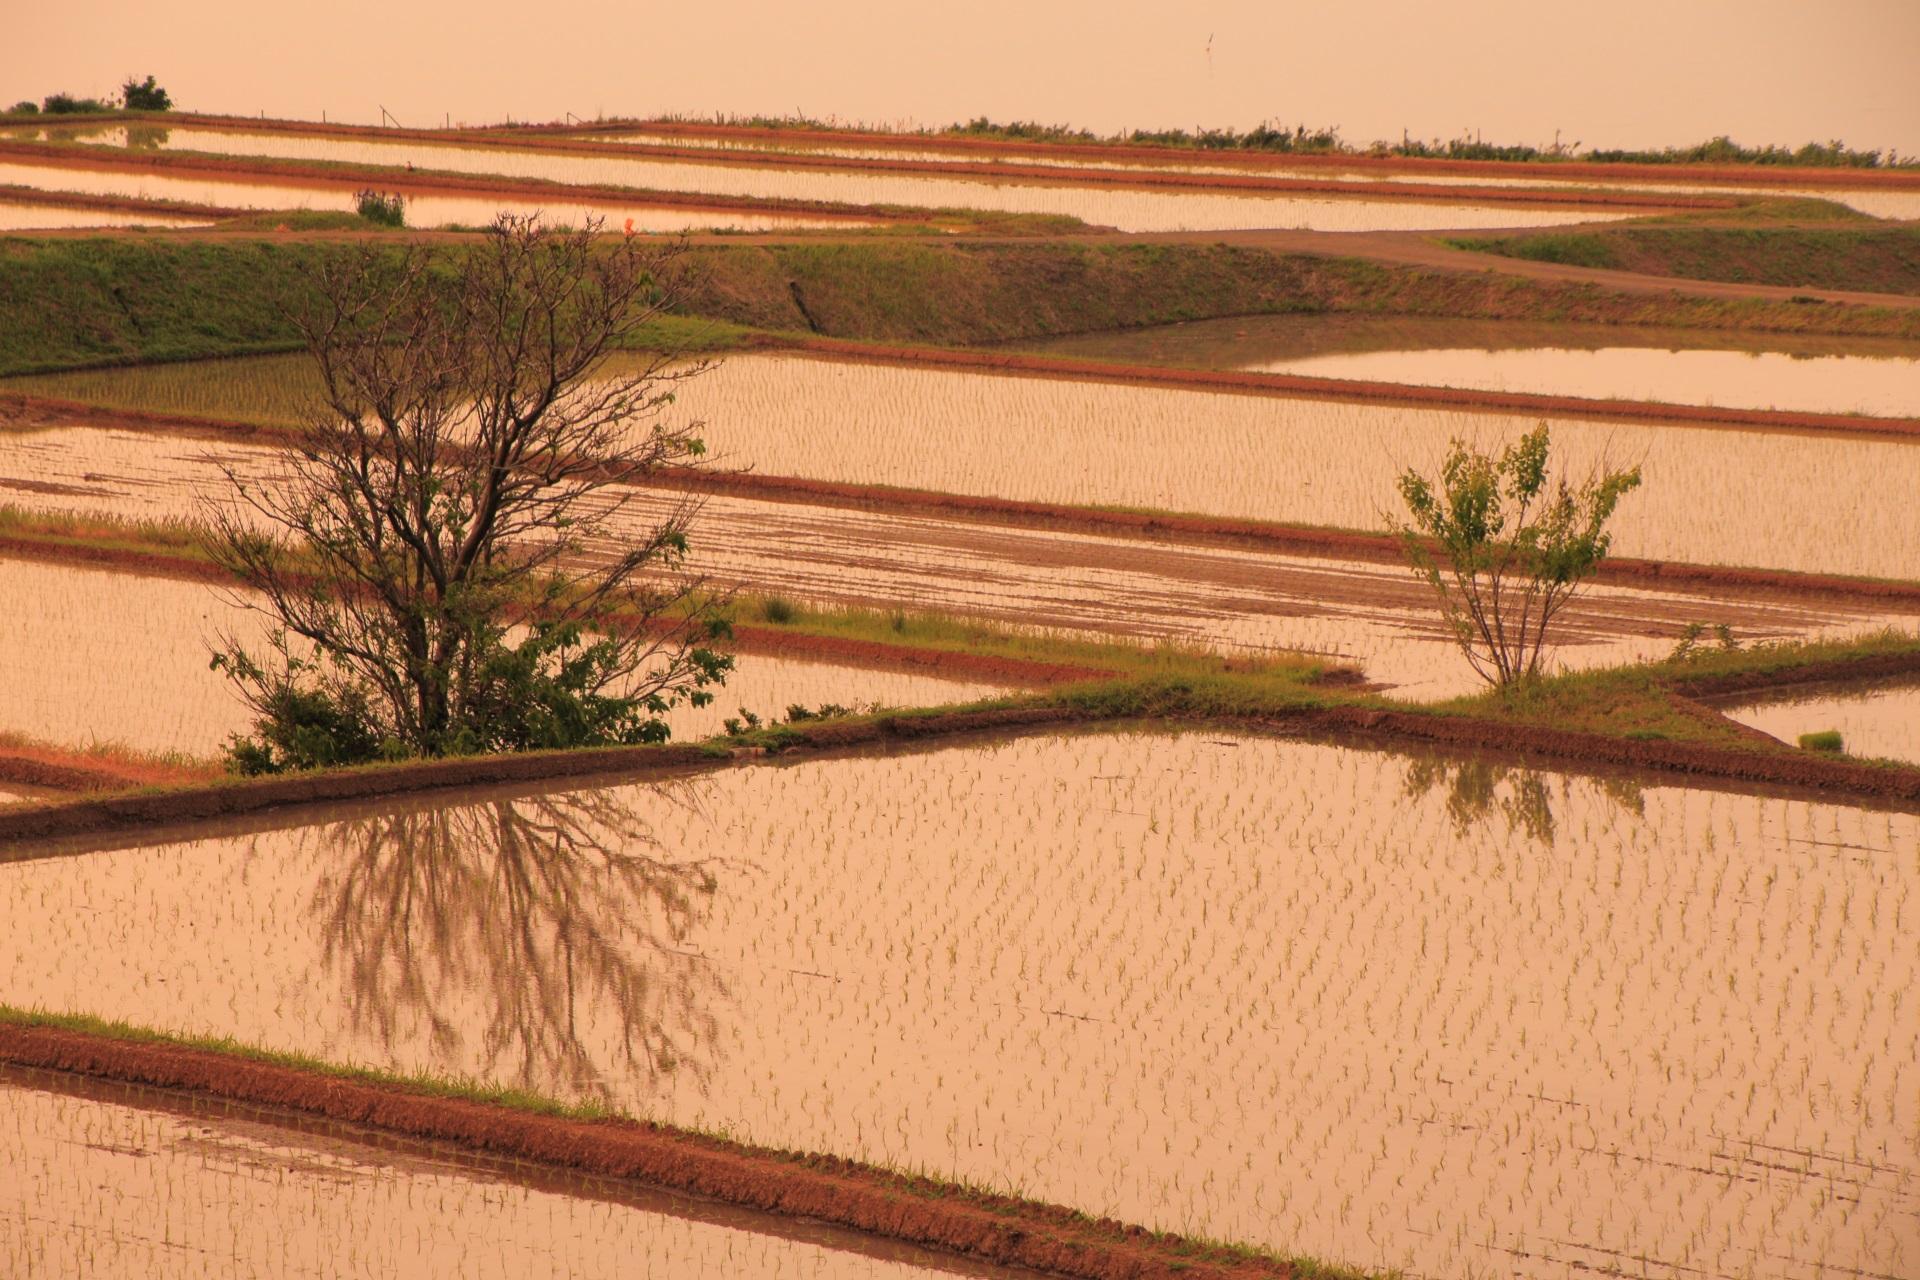 夕陽に染まった田んぼに映る綺麗な水鏡